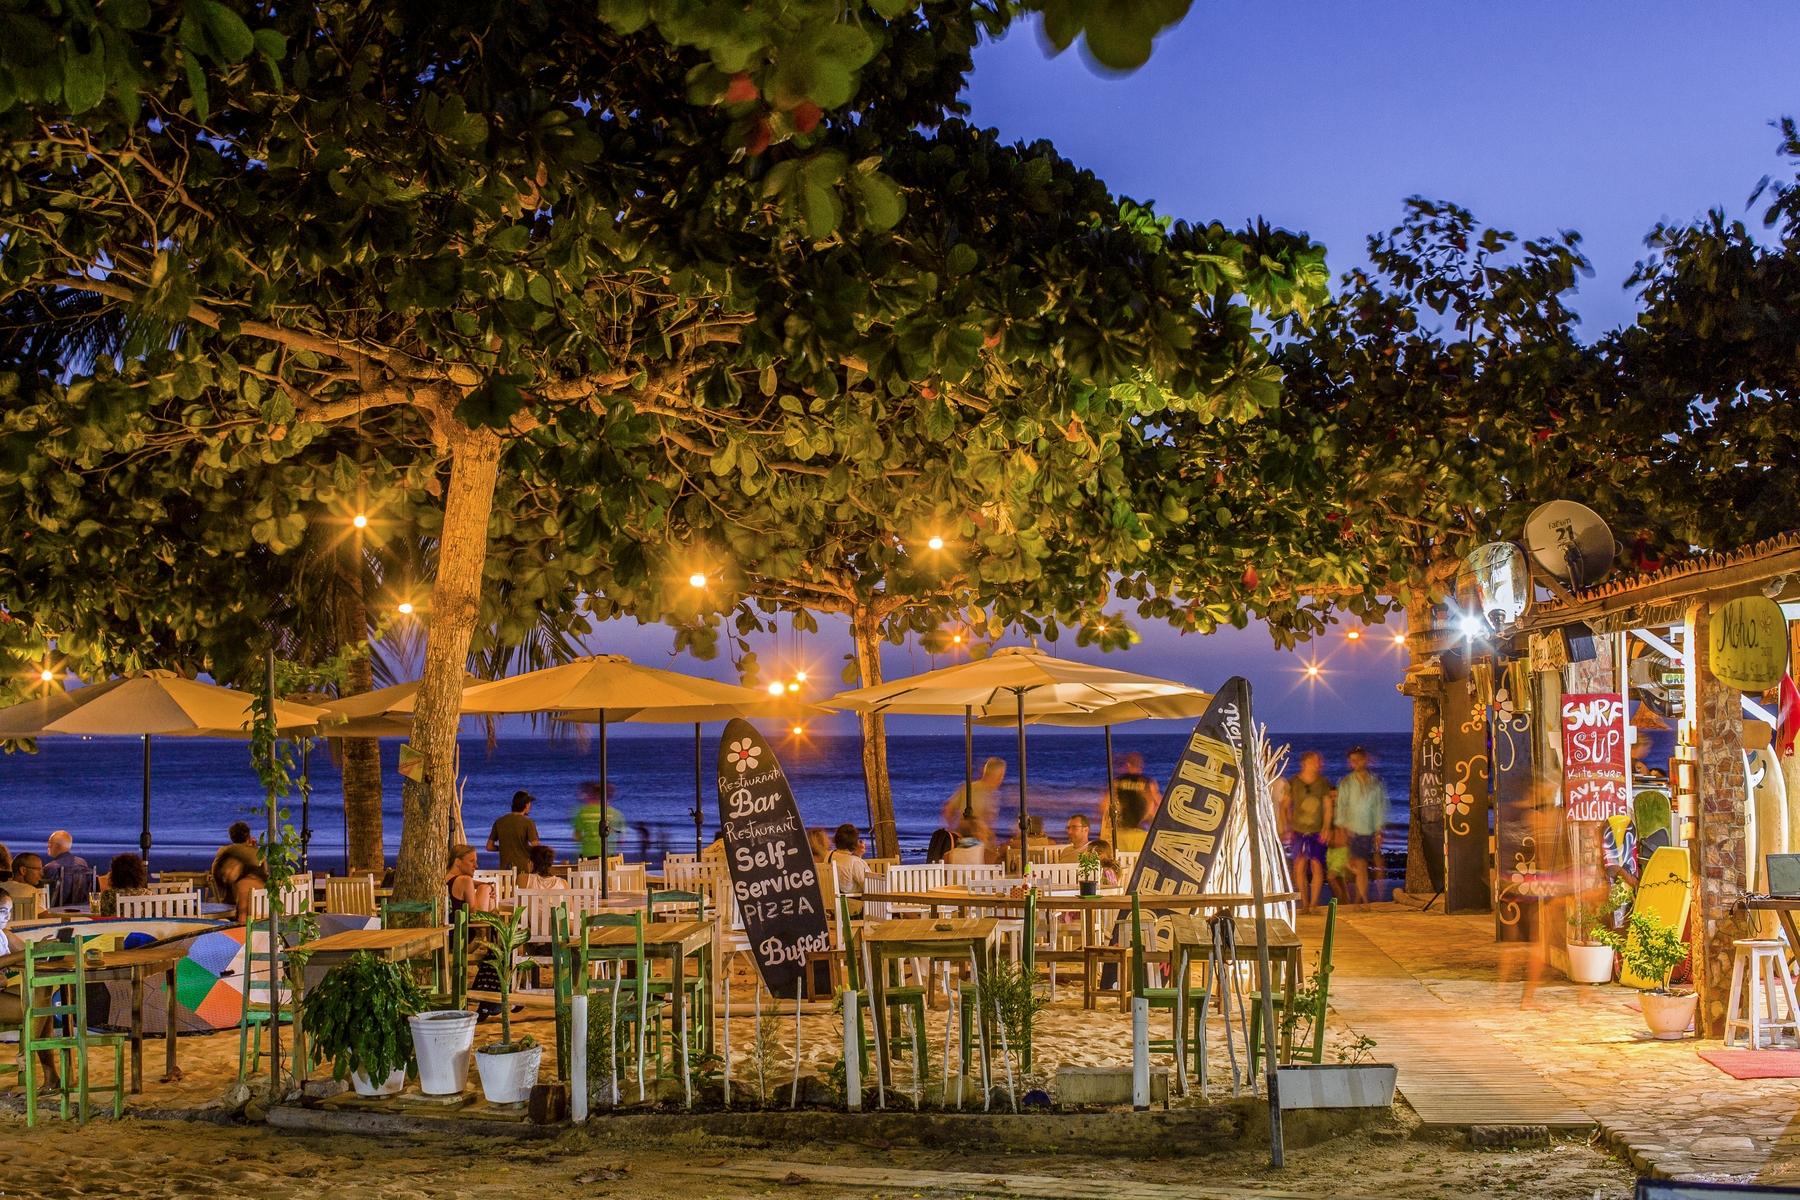 Vila de Jericoacoara à noite - um dos vilarejos de praia mais bonitos do Brasil